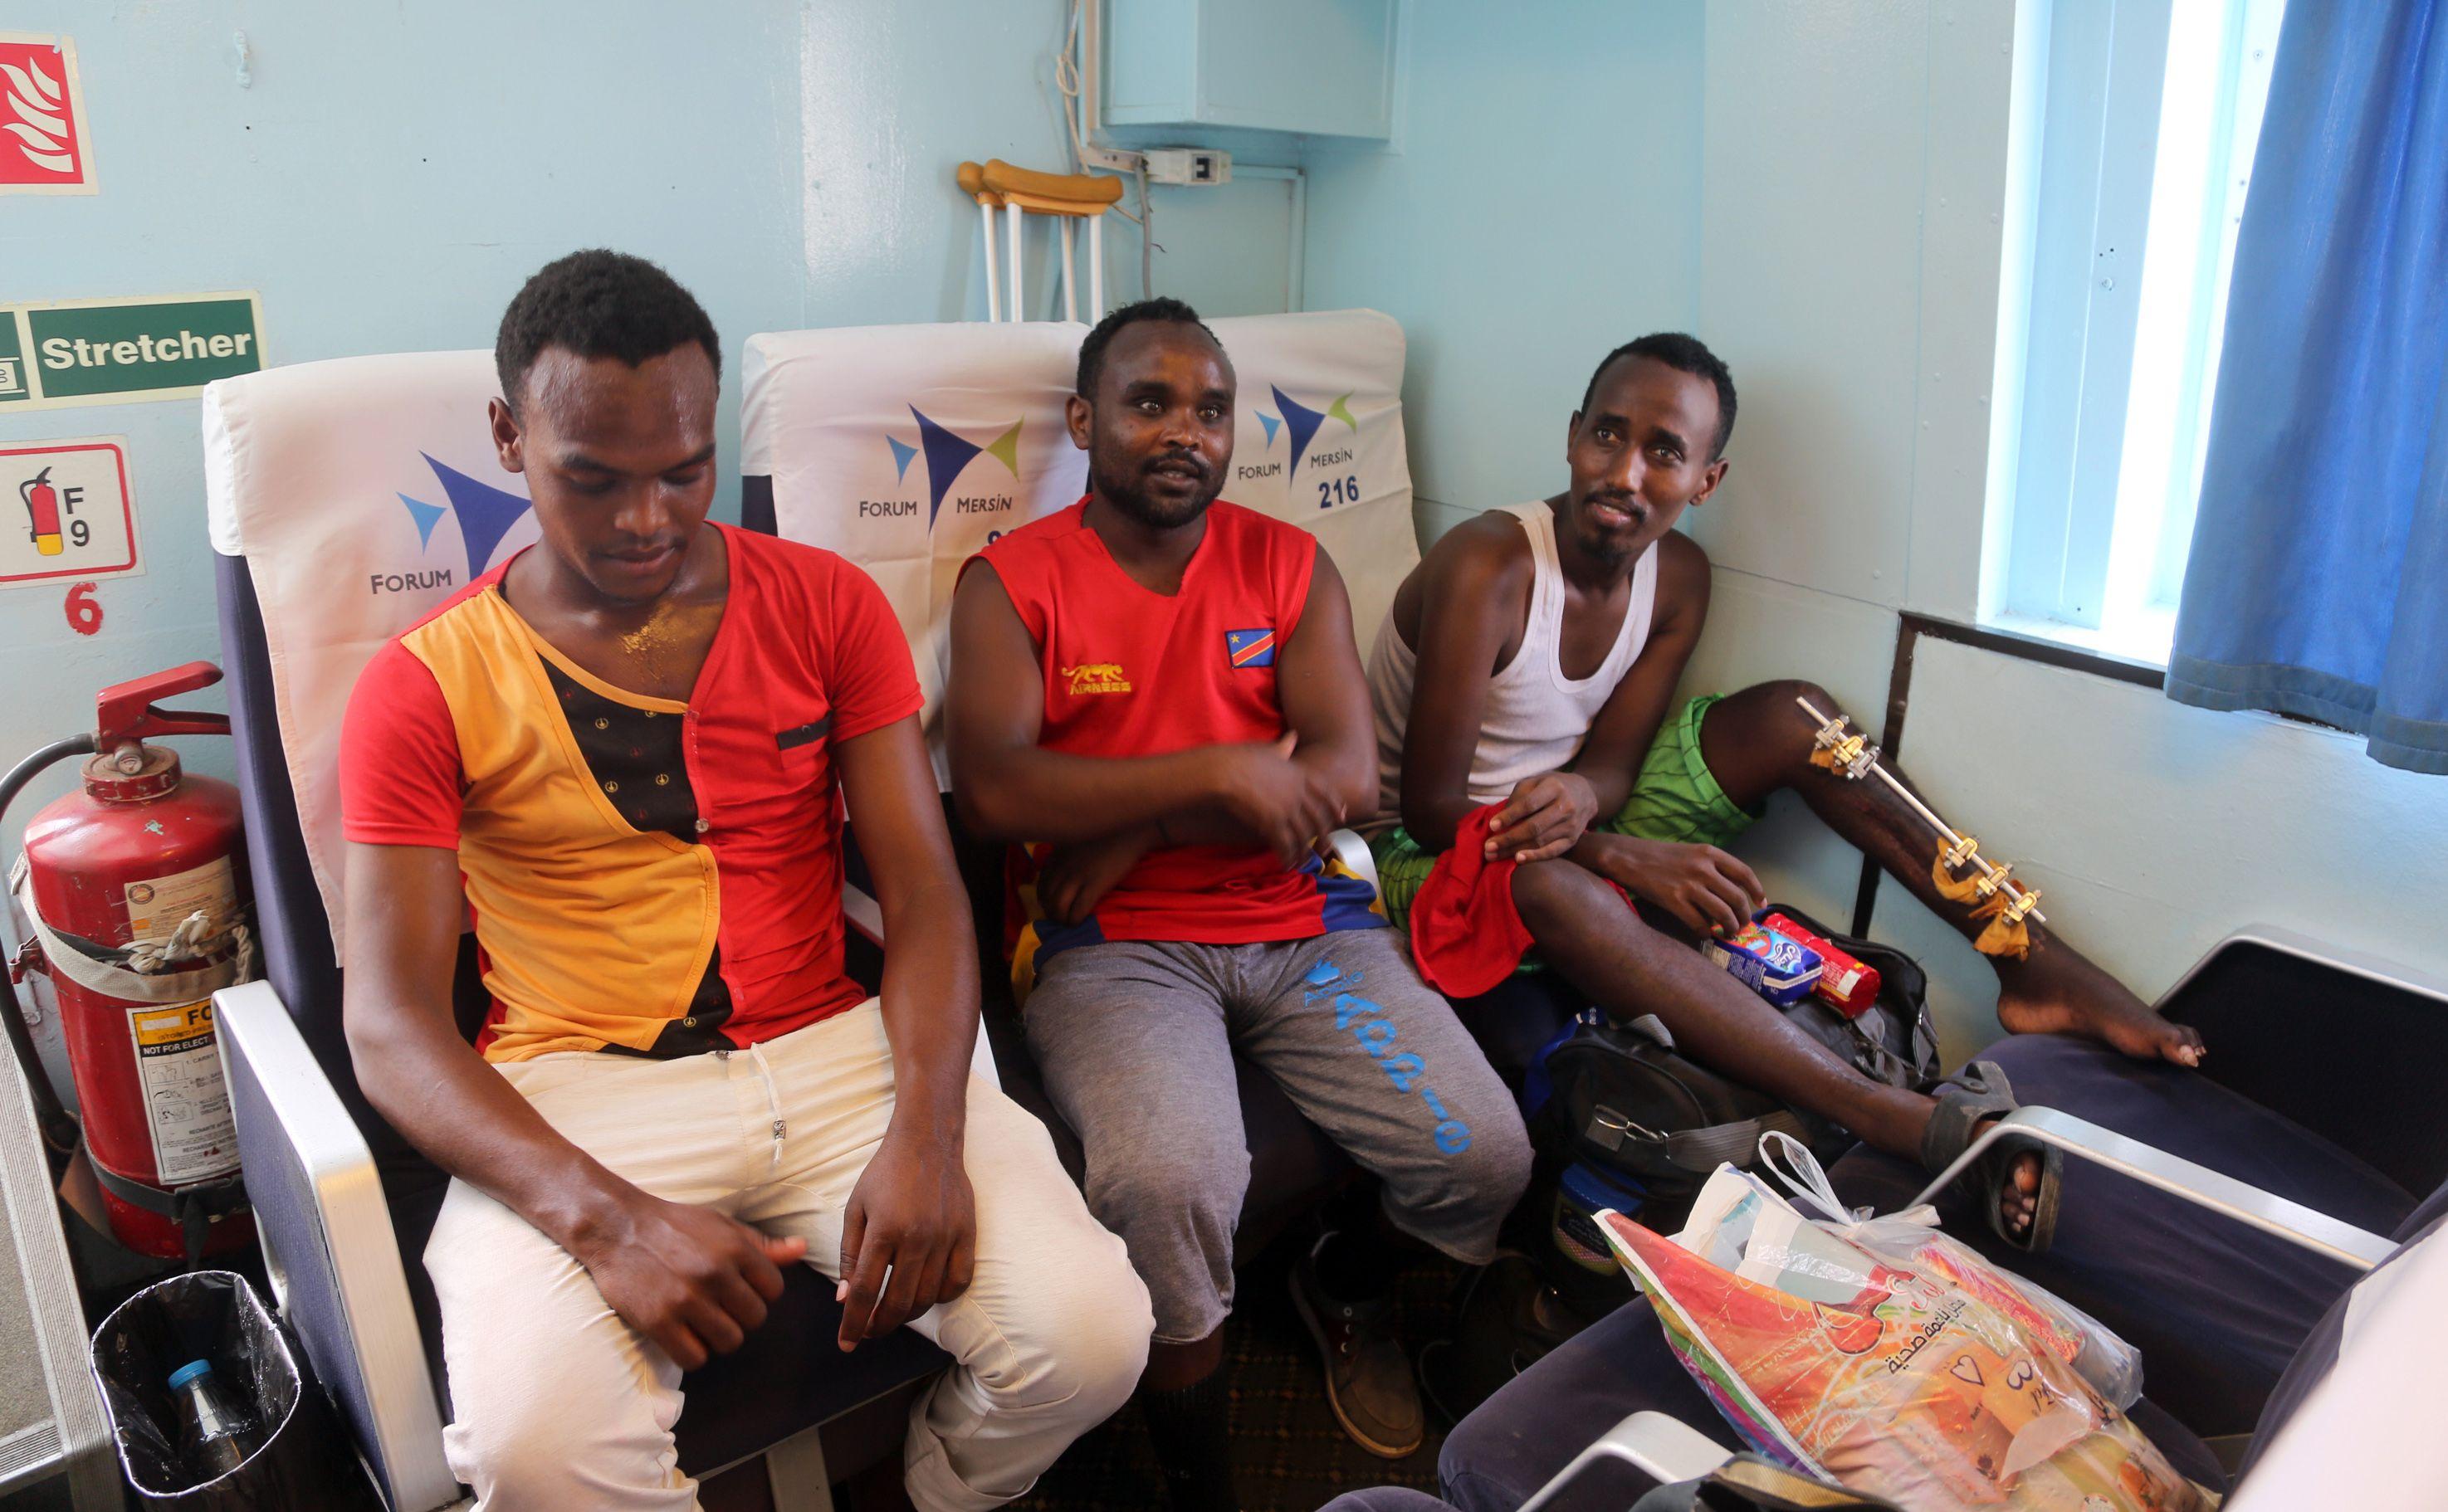 إجلاء مهاجرين أثيوبيين إلى بلادهم عبر جيبوتى